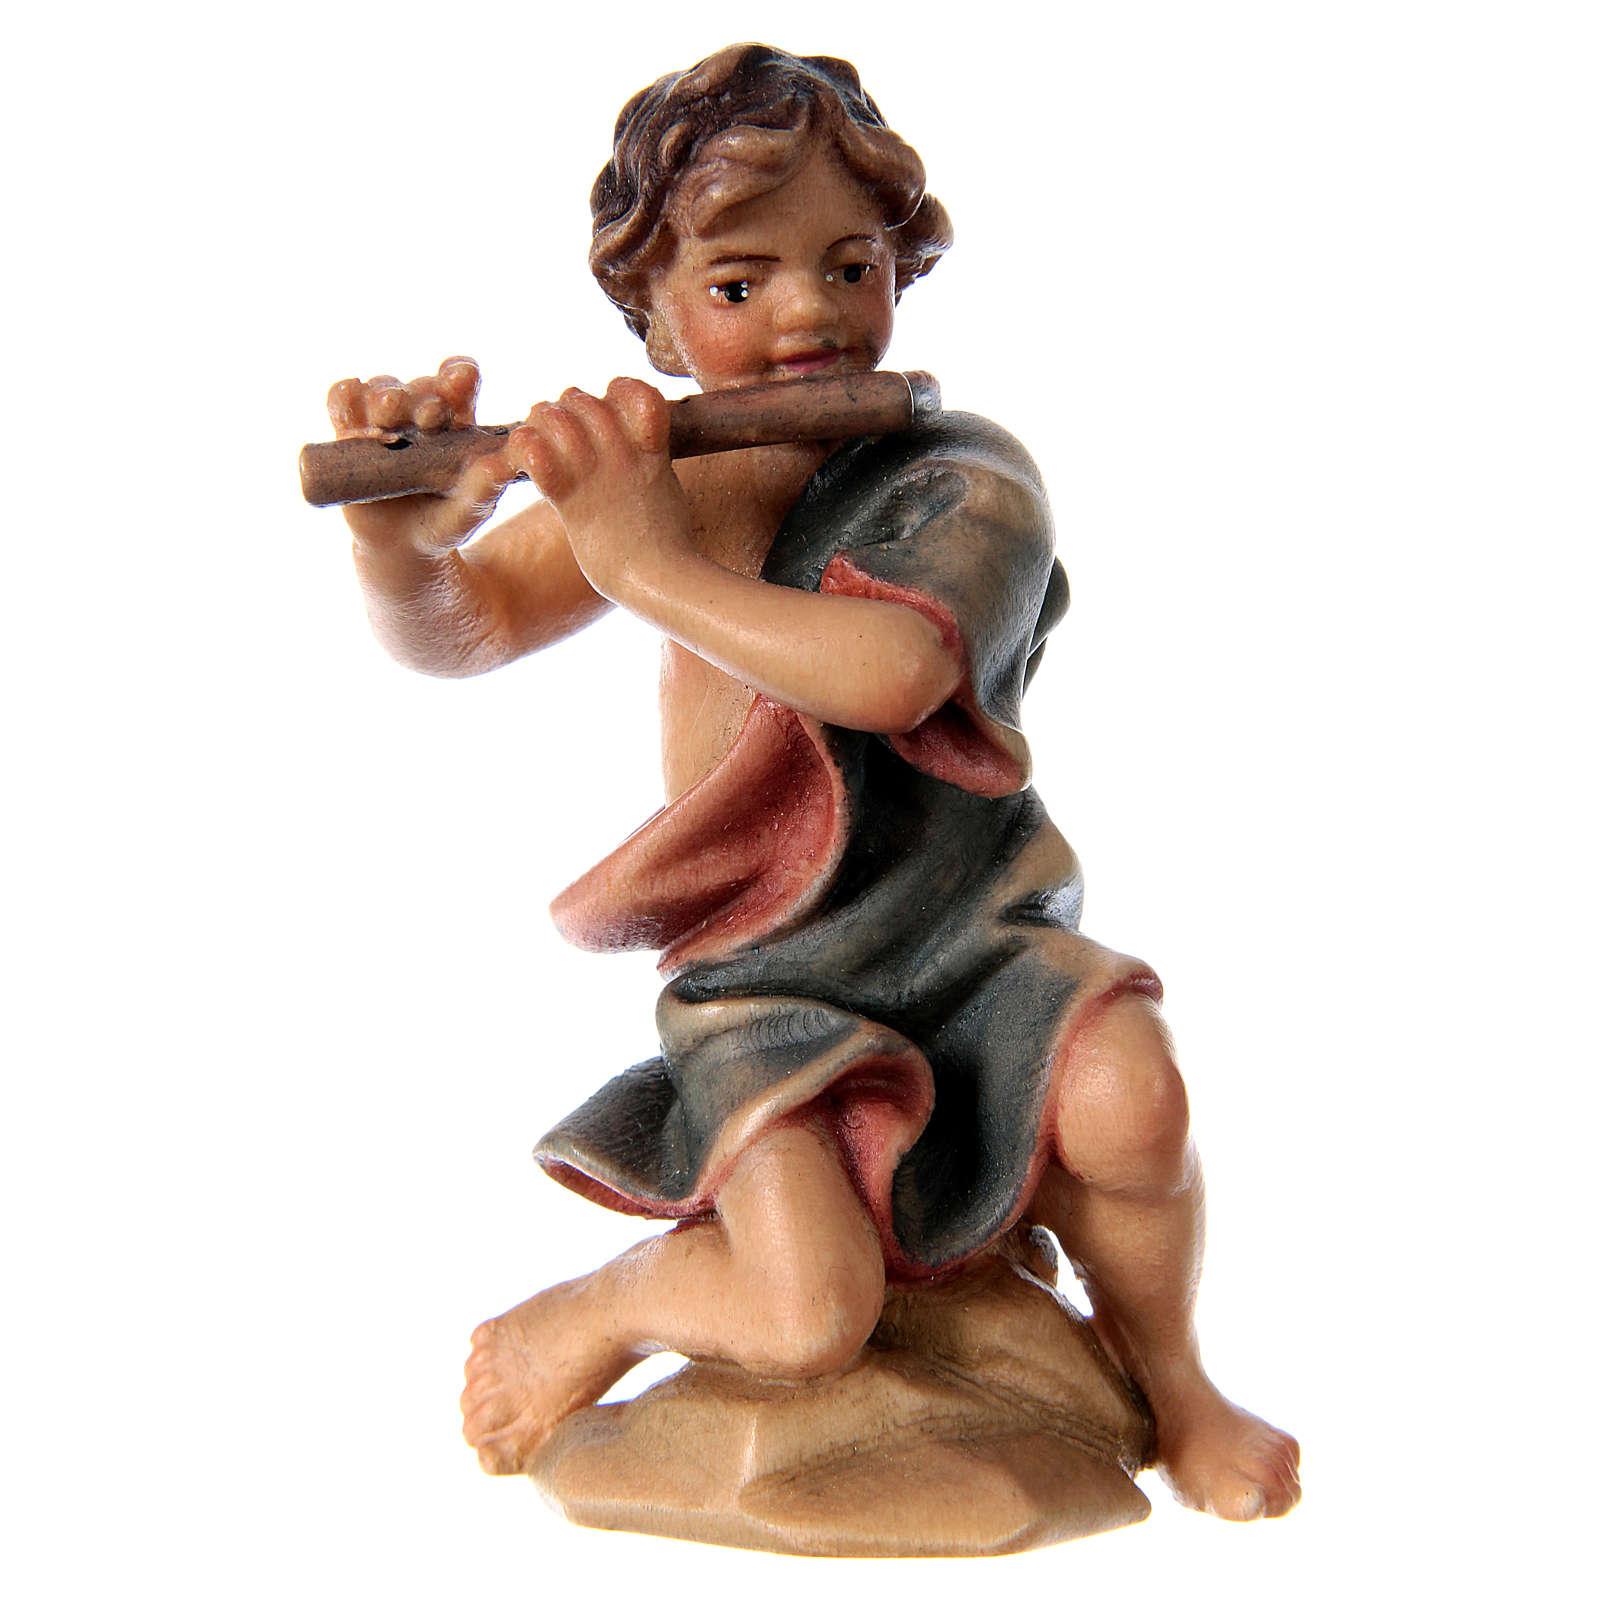 Bambino inginocchiato con flauto presepe Original legno dipinto Valgardena 12 cm 4